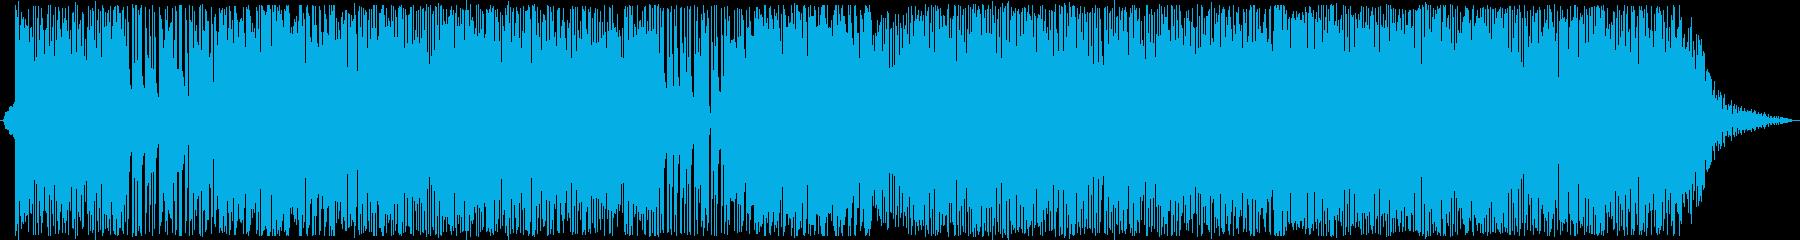 おしゃれな感じのポップスの再生済みの波形